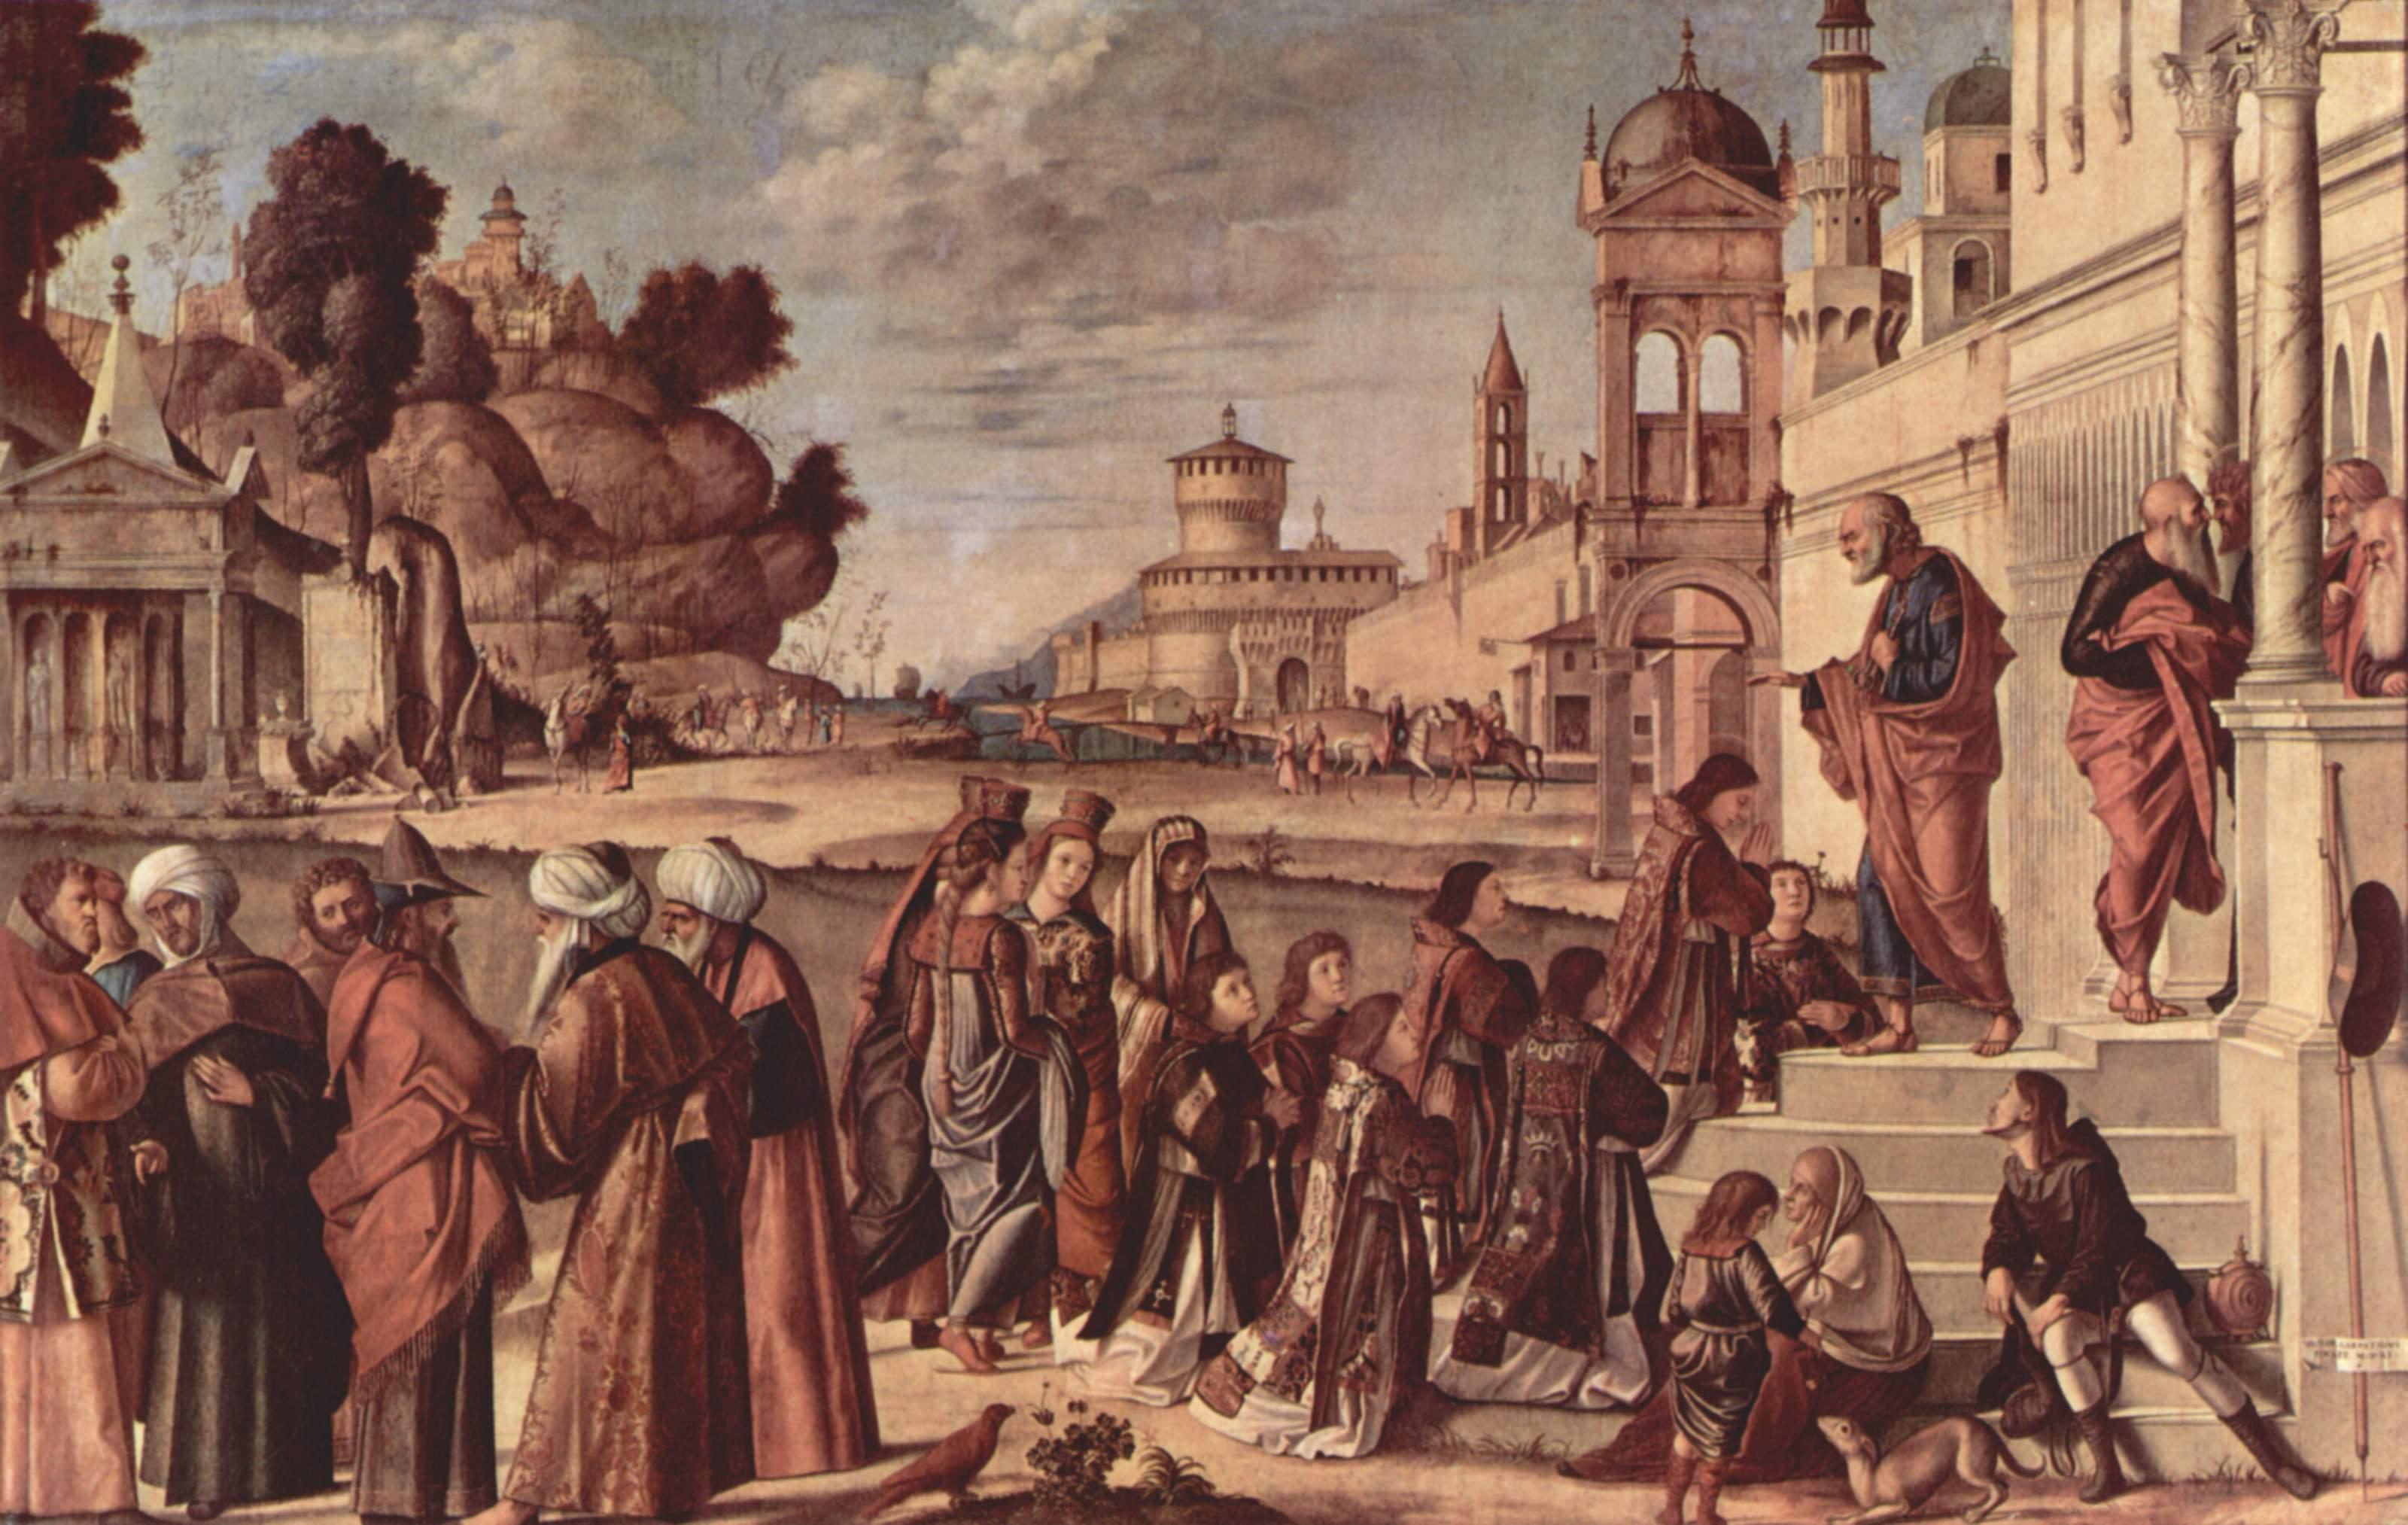 Цикл картин к житию св. Стефана, благословление св. Стефана, Витторе Карпаччо